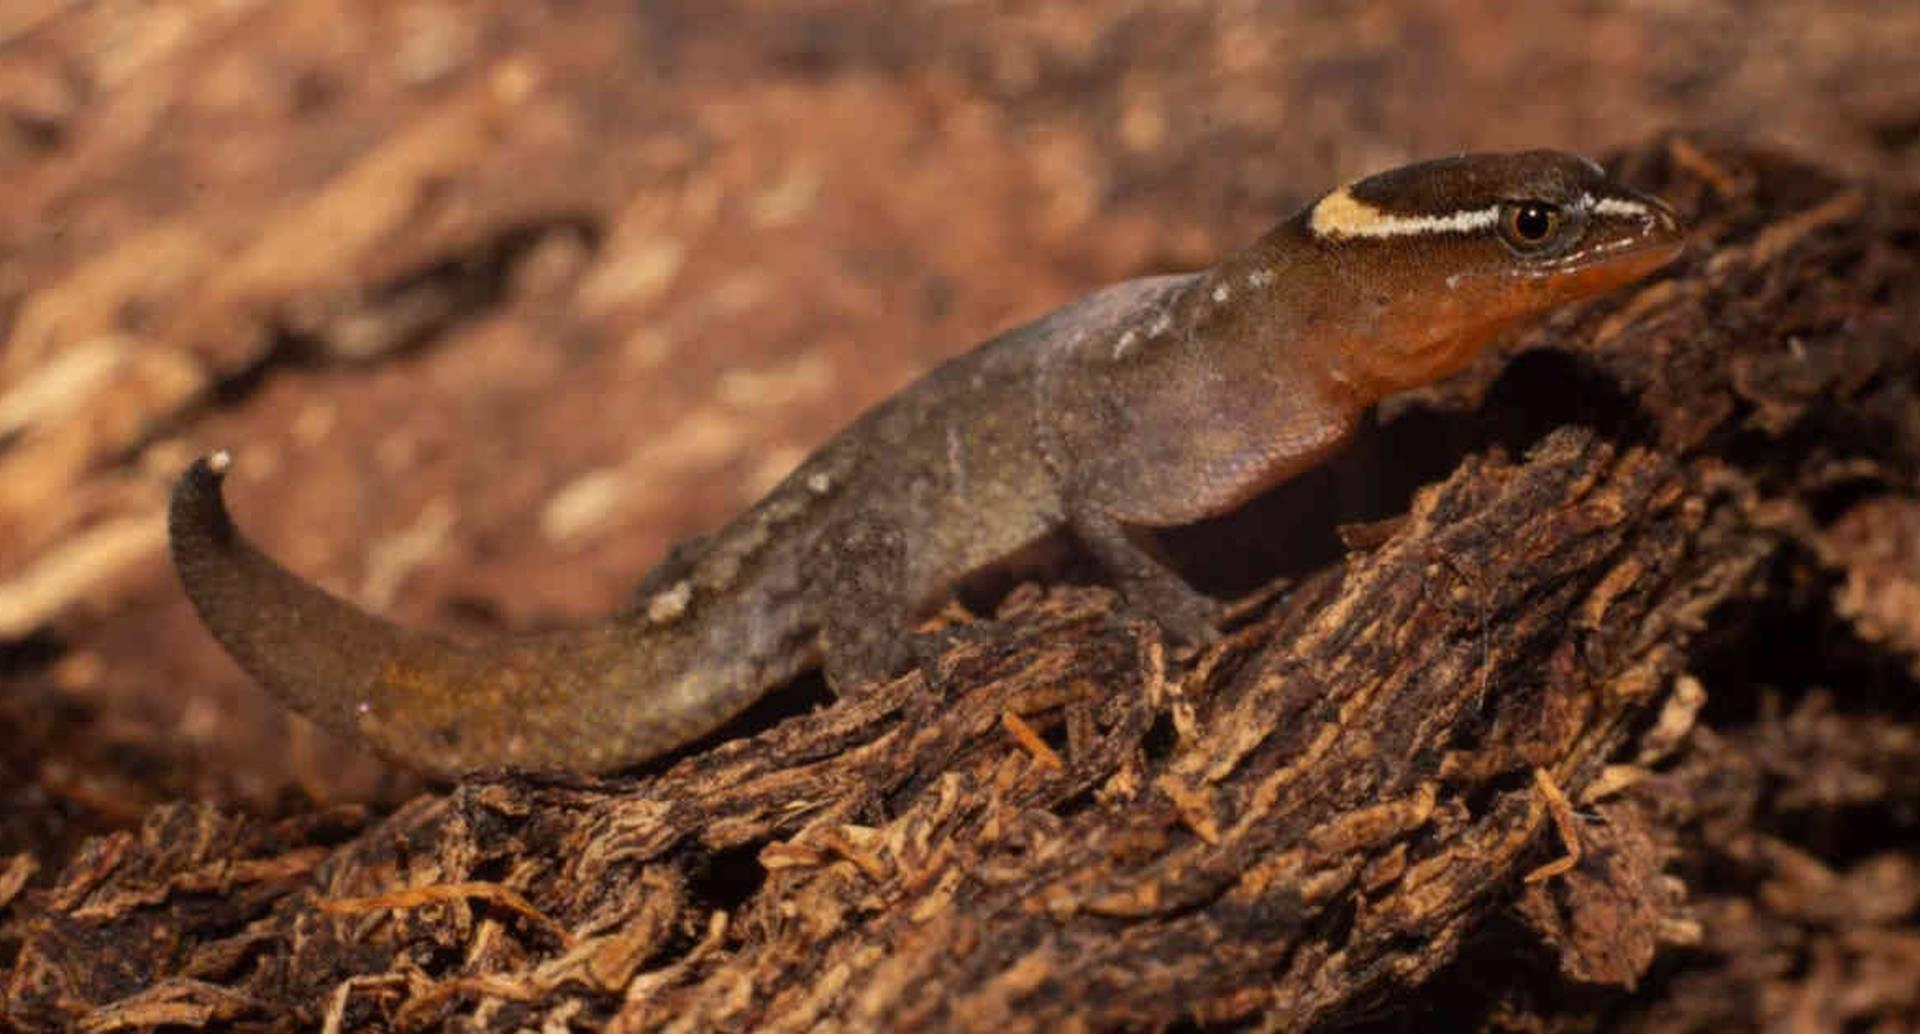 Varias poblaciones de Lepidoblepharis miyatai, el lagarto más pequeño mundo fueron vistas en algunos sectores del parque Tayrona. Foto: Parques Nacionales Naturales.